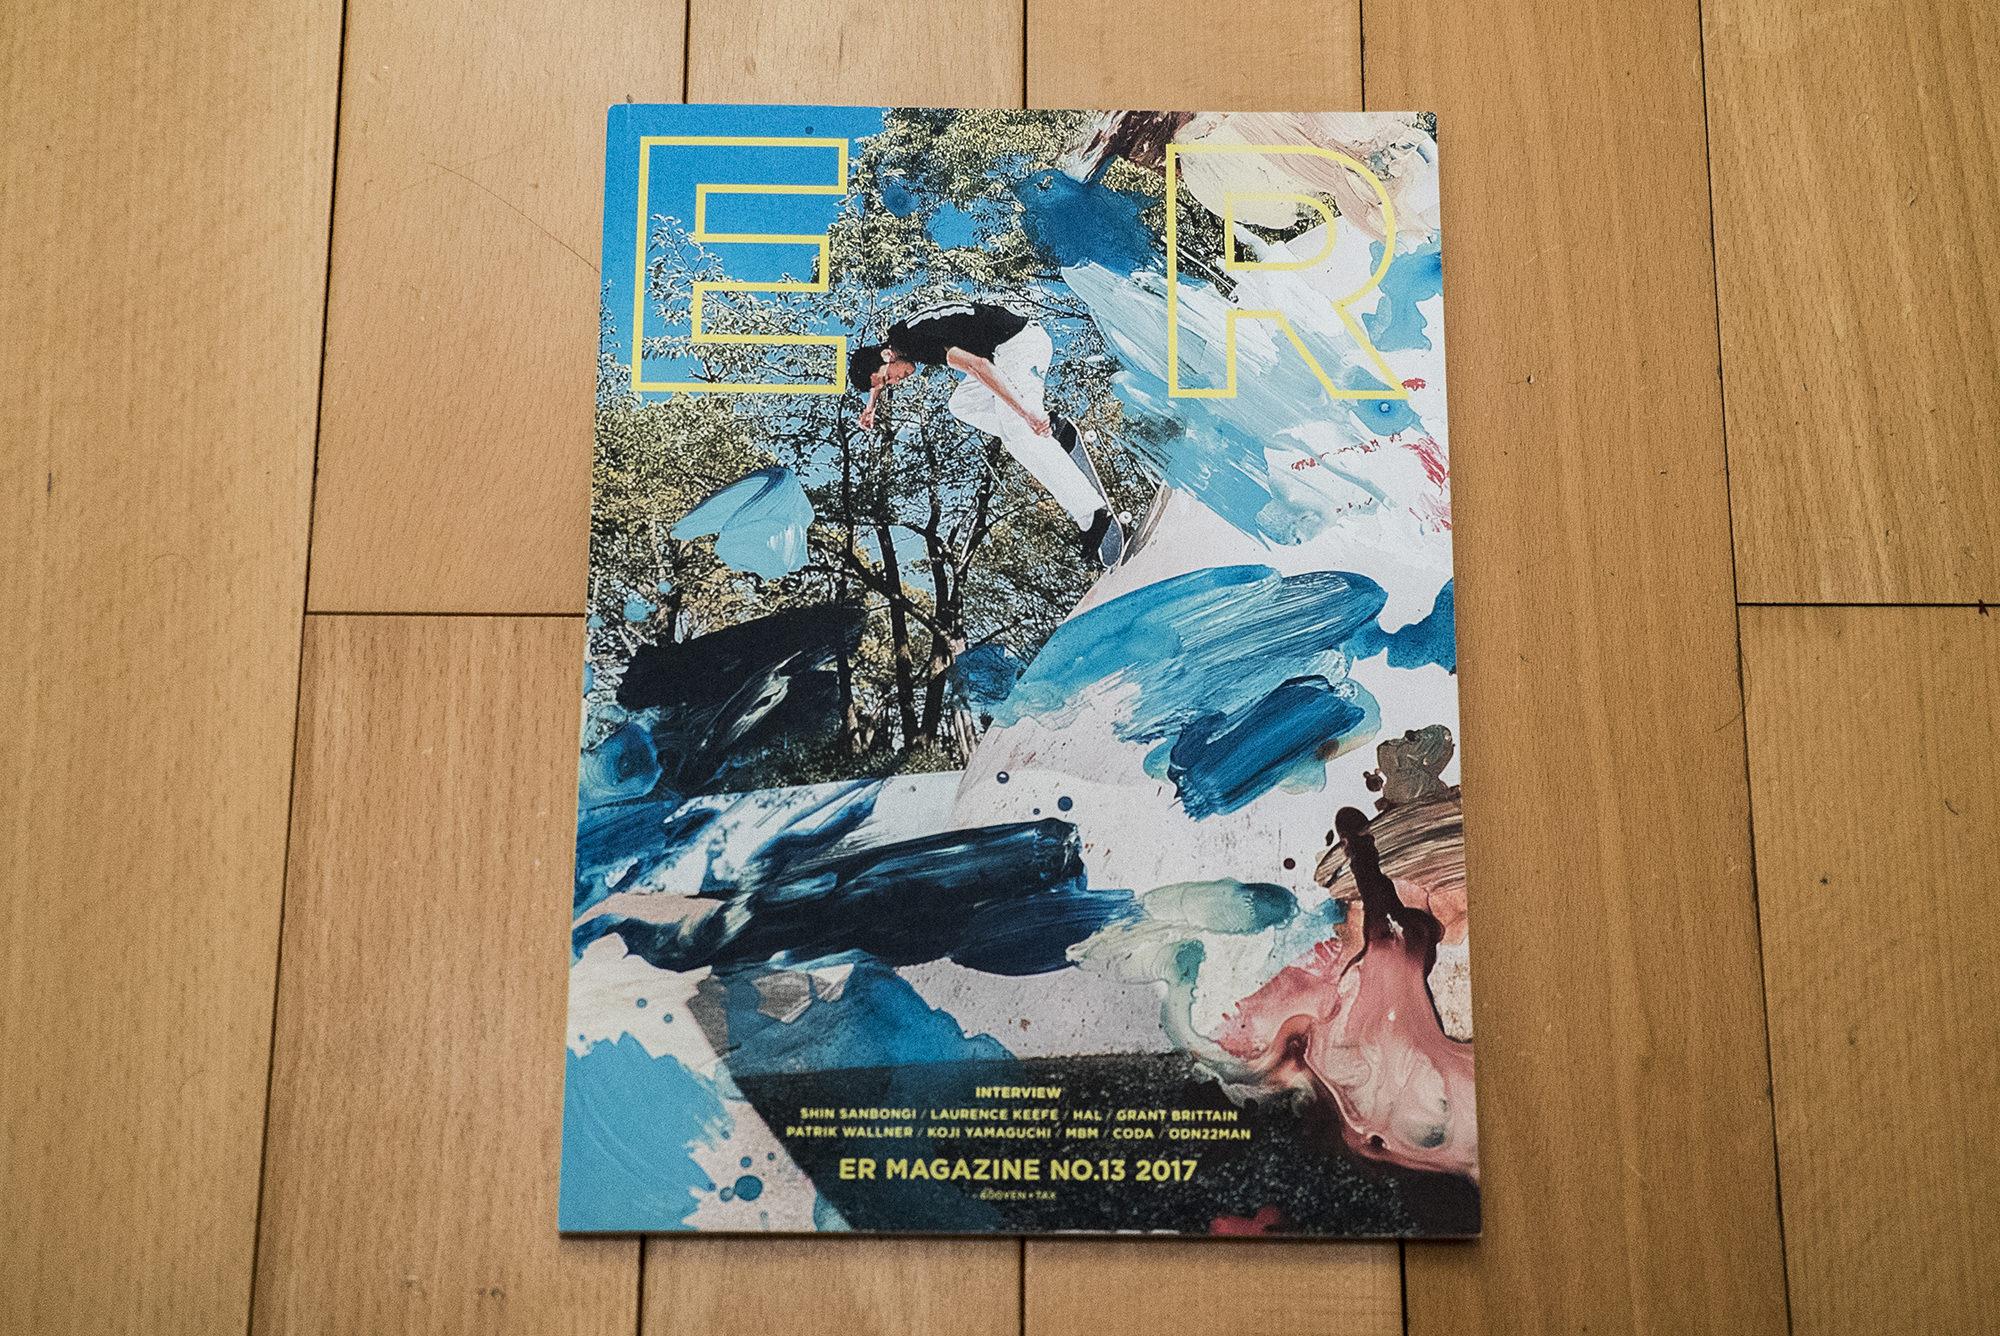 ER Magazine 2017 00 Cover LOWQ 2000P